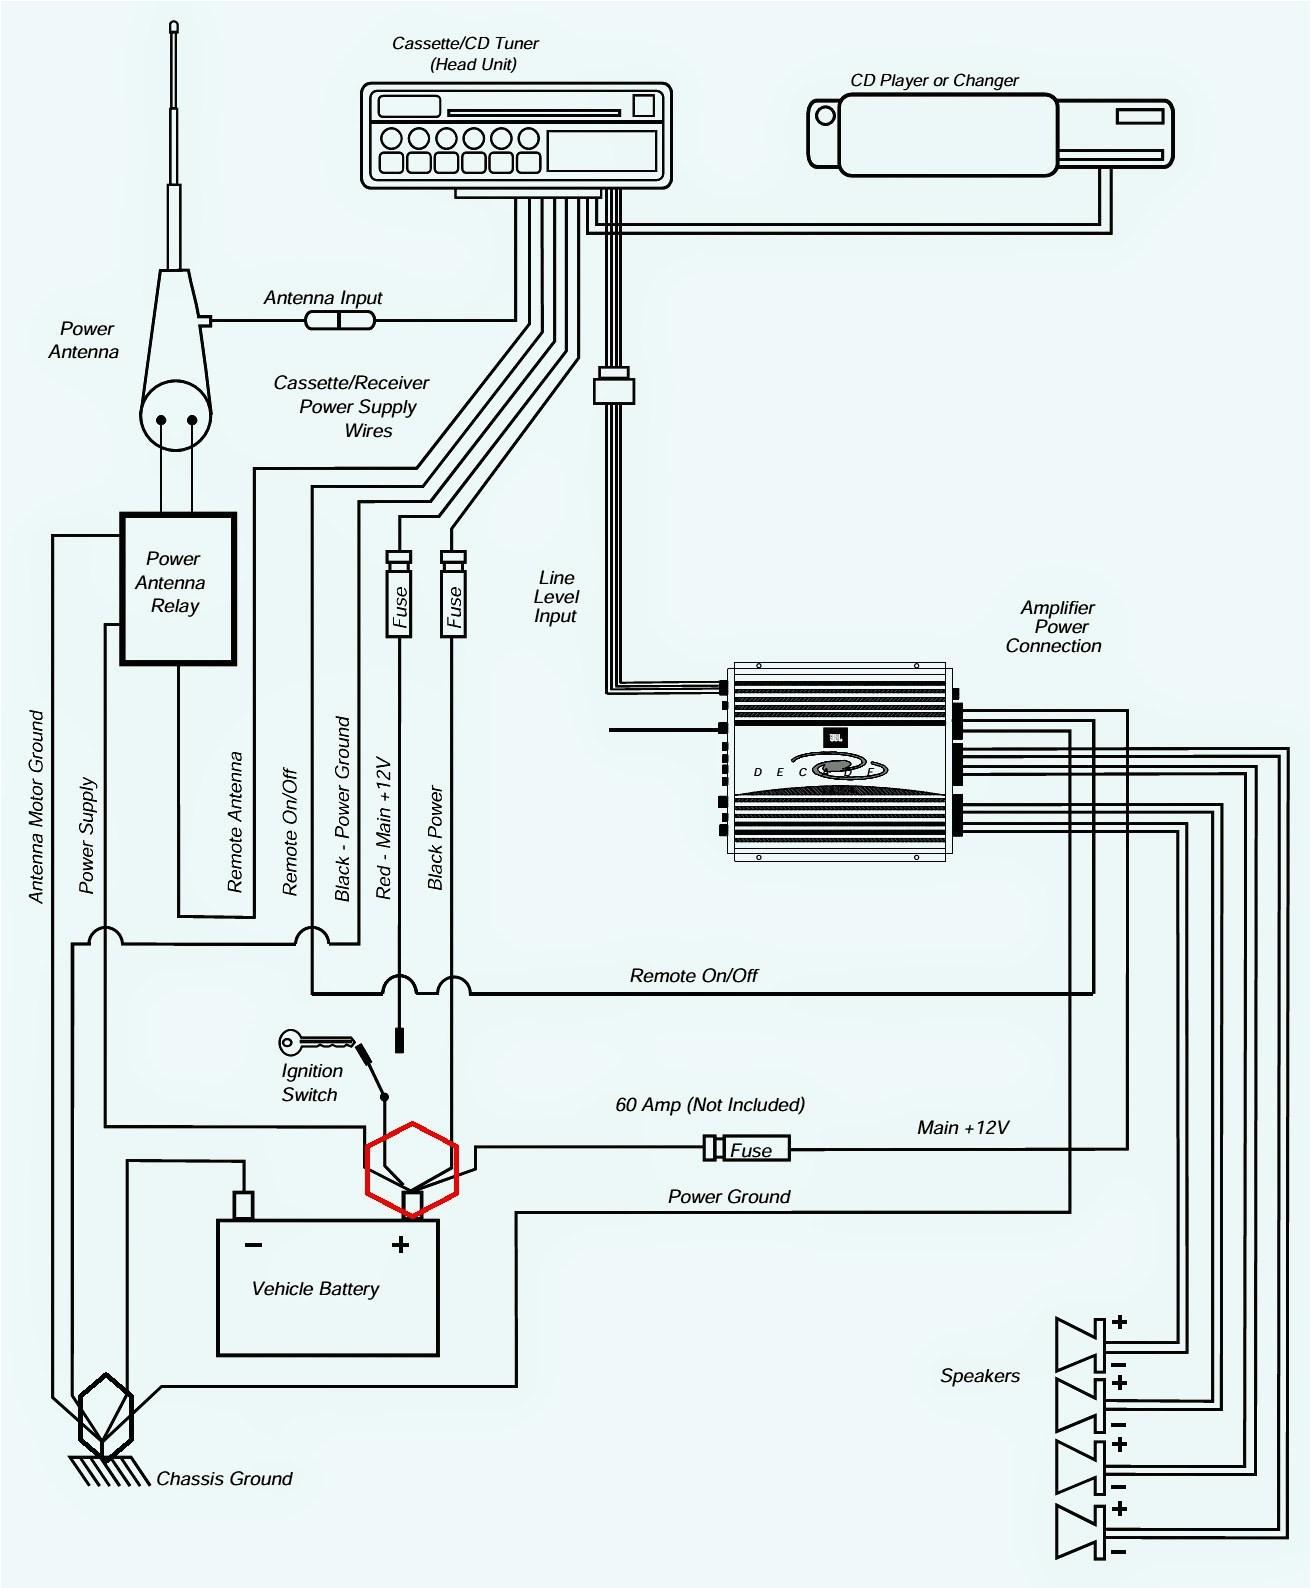 amplifier circuit diagram unique car stereo power amplifier wiring diagram reference wiring diagram